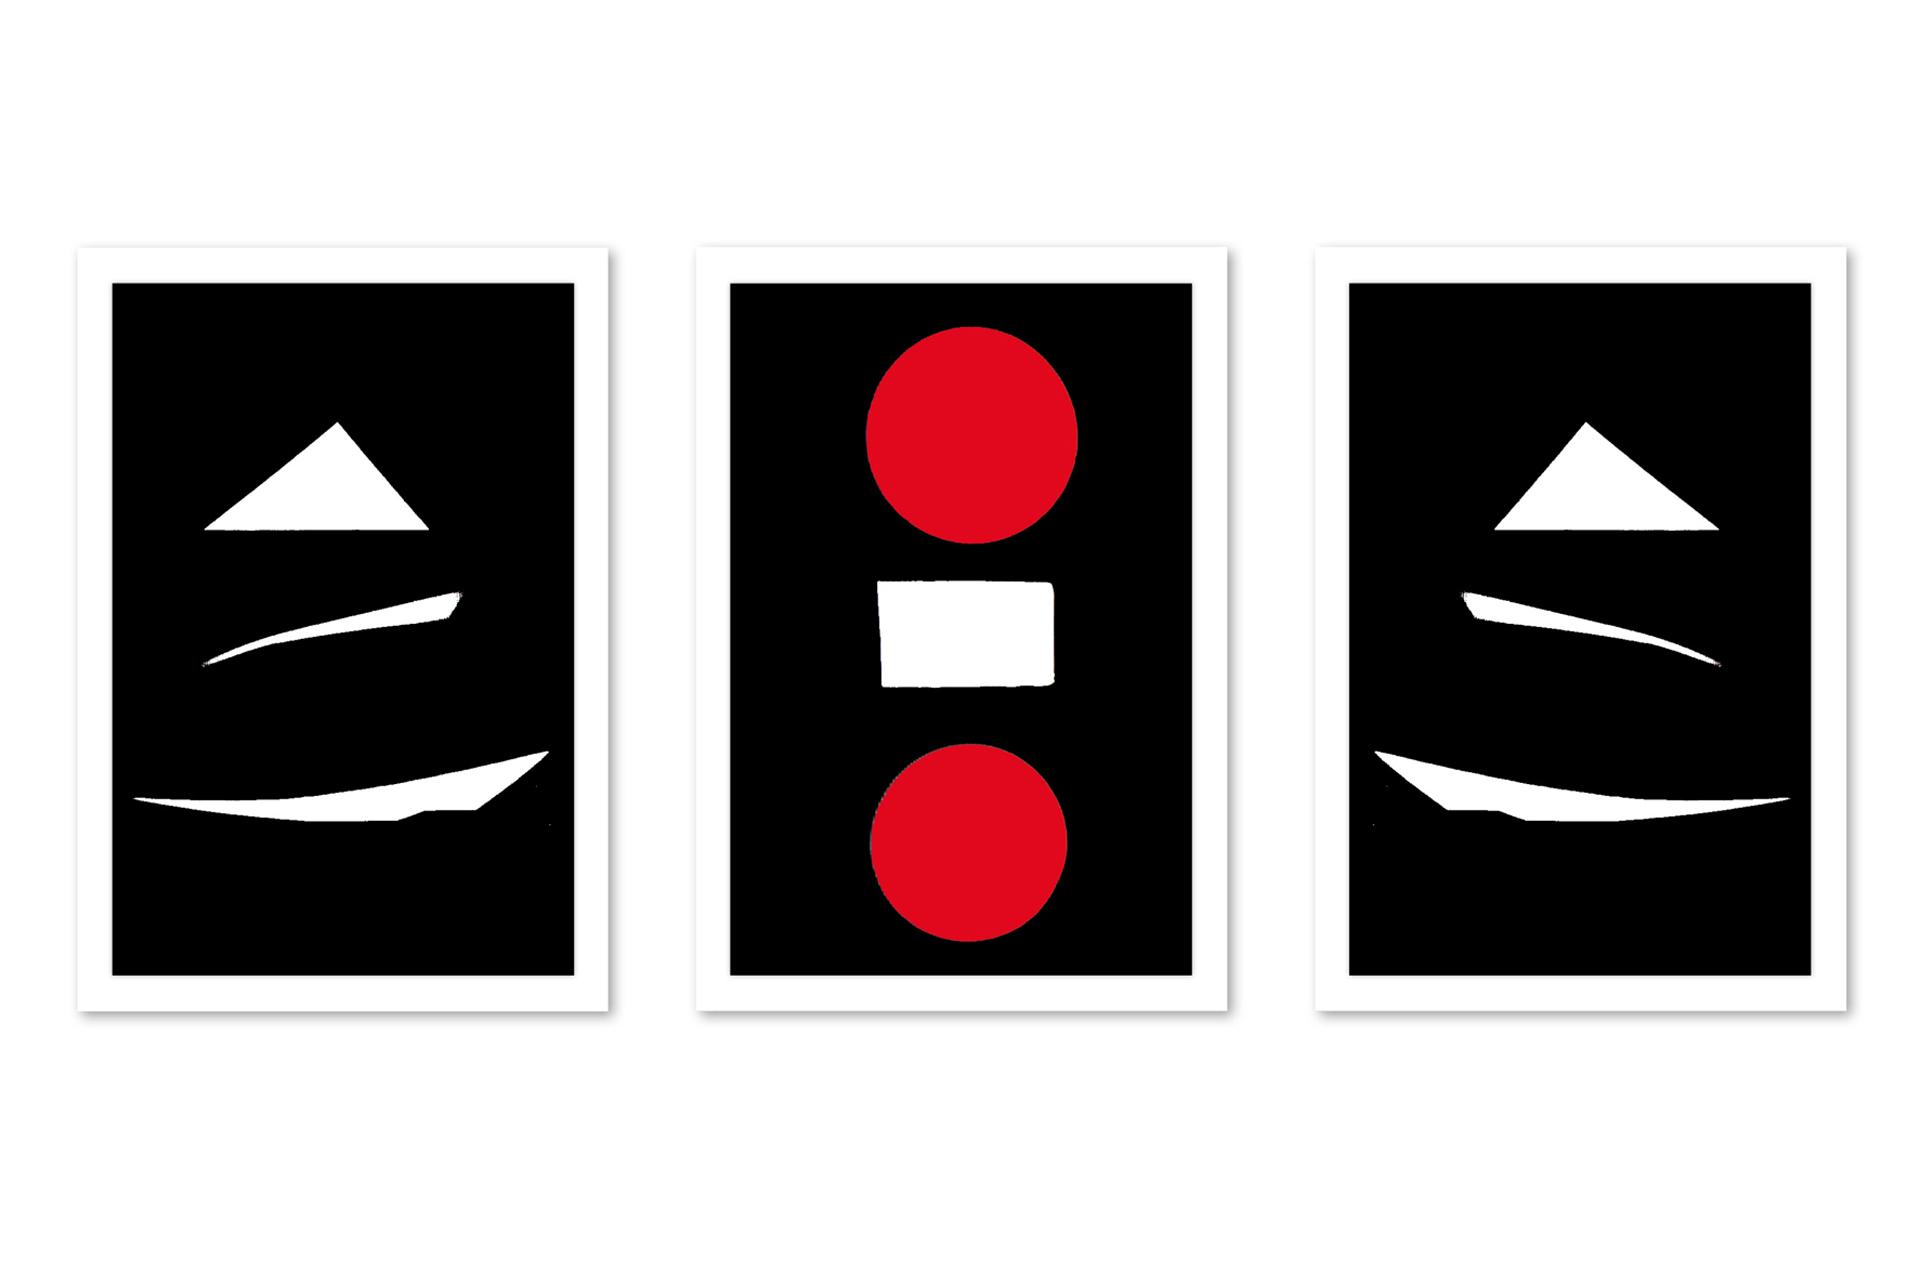 Rayogrammi 009